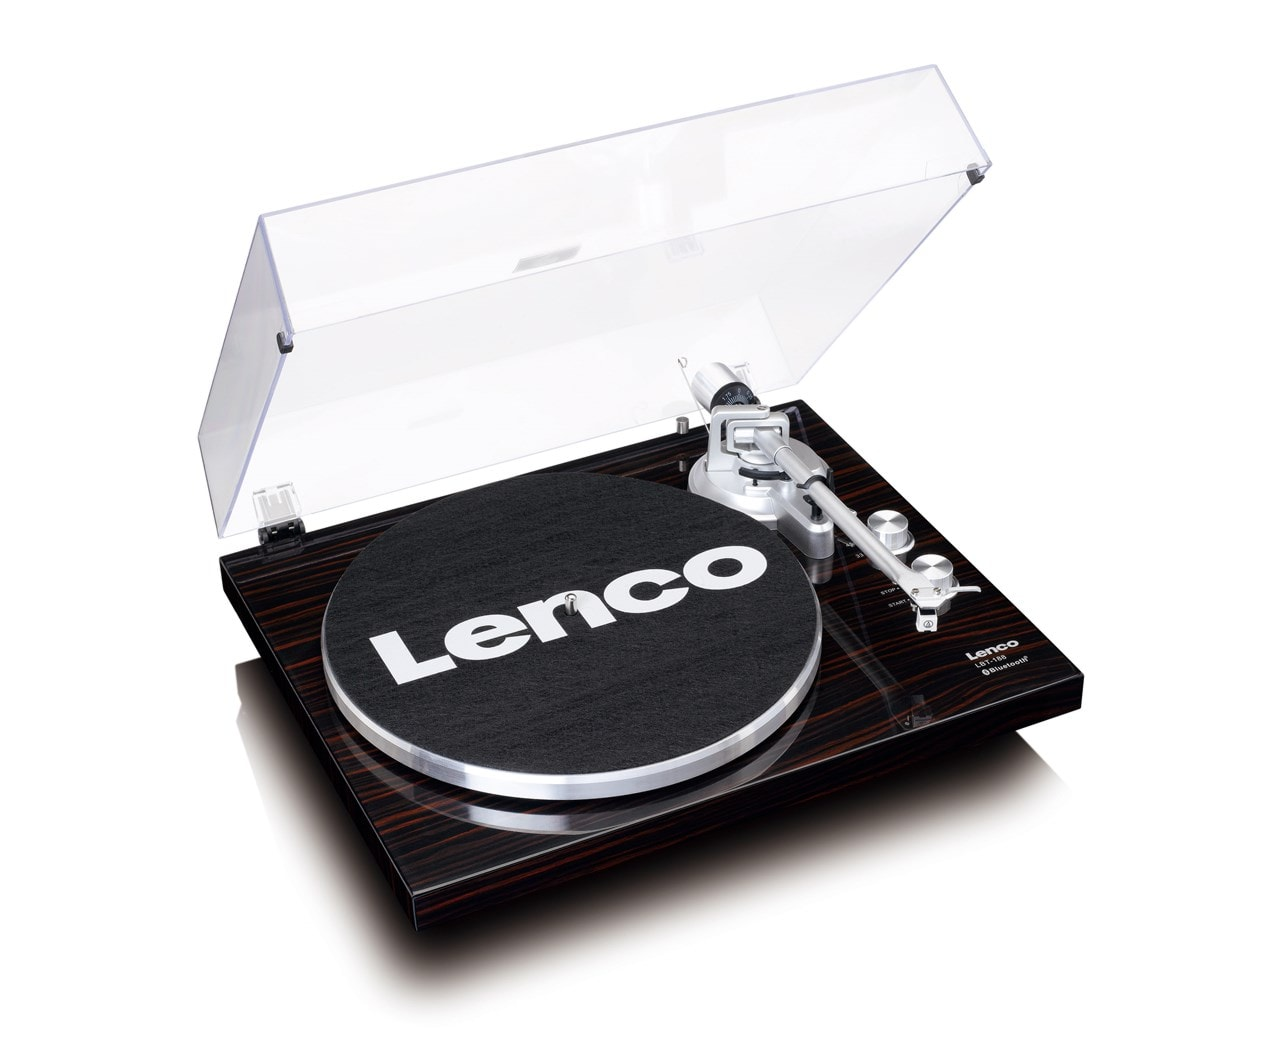 Lenco LBT-188 Walnut Bluetooth Turntable - 2